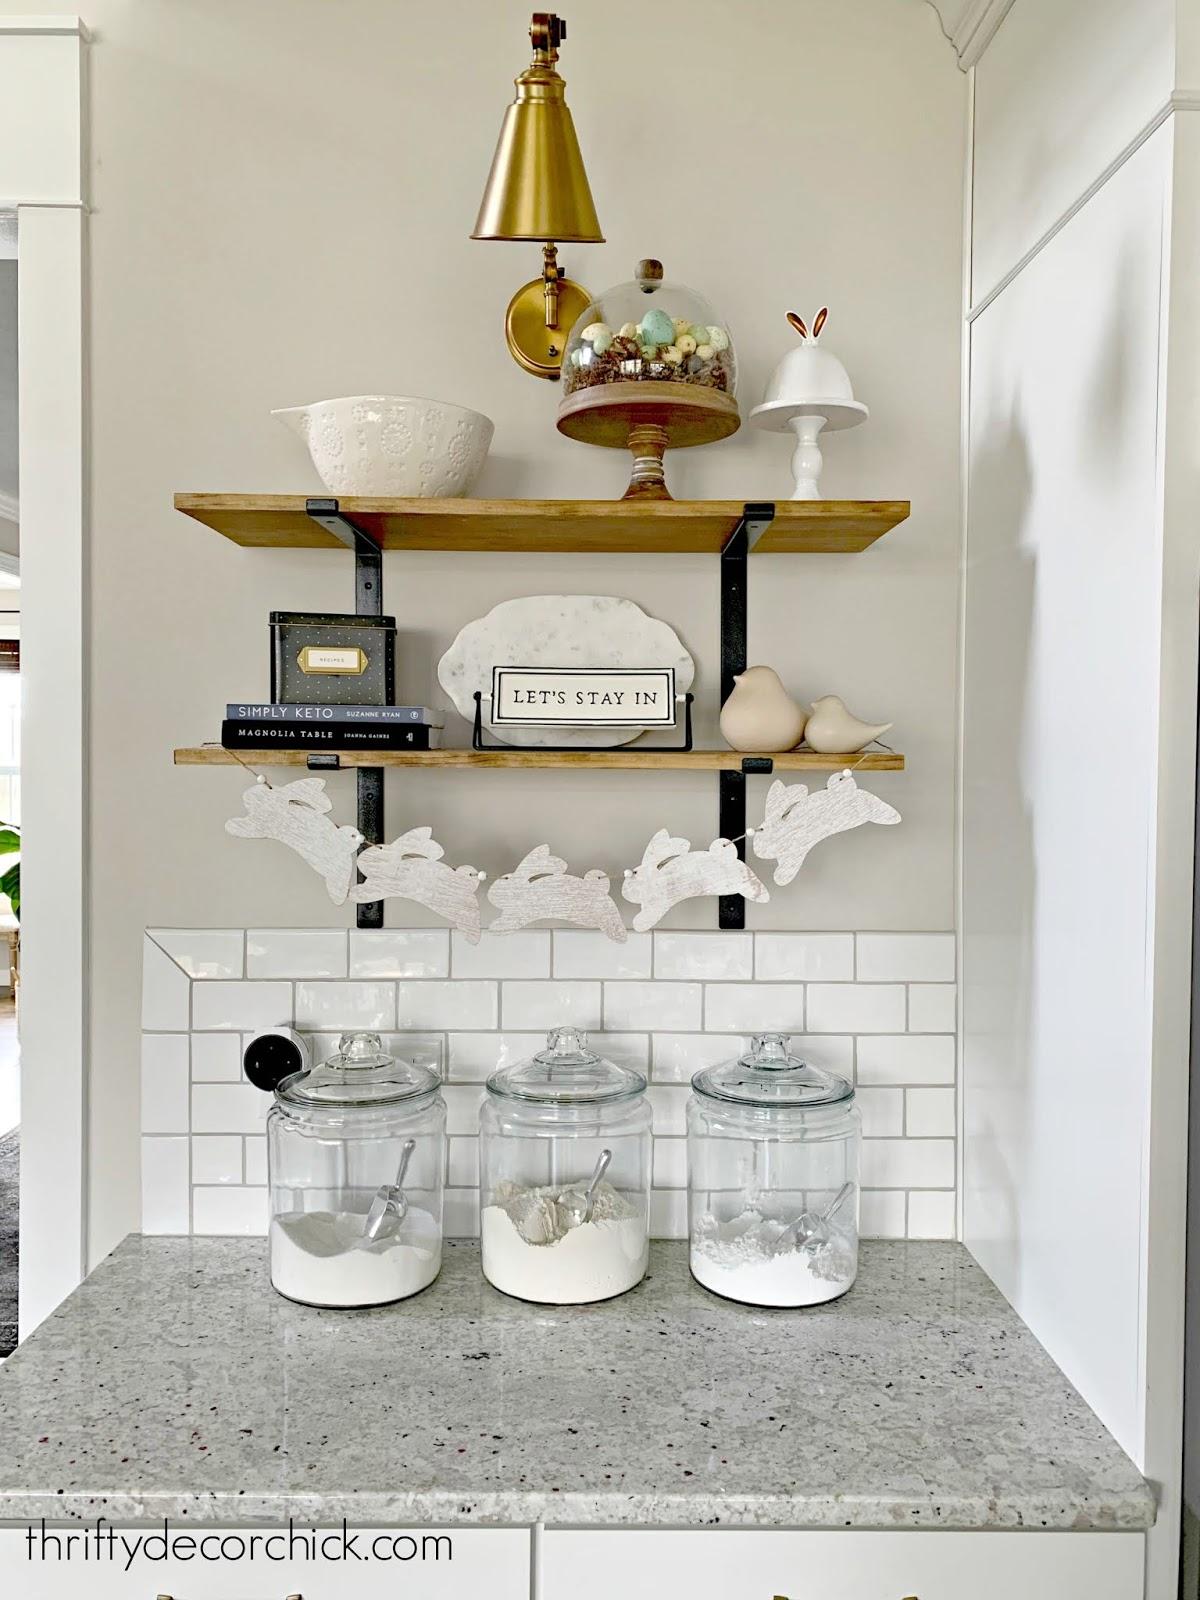 Easter decor kitchen shelves